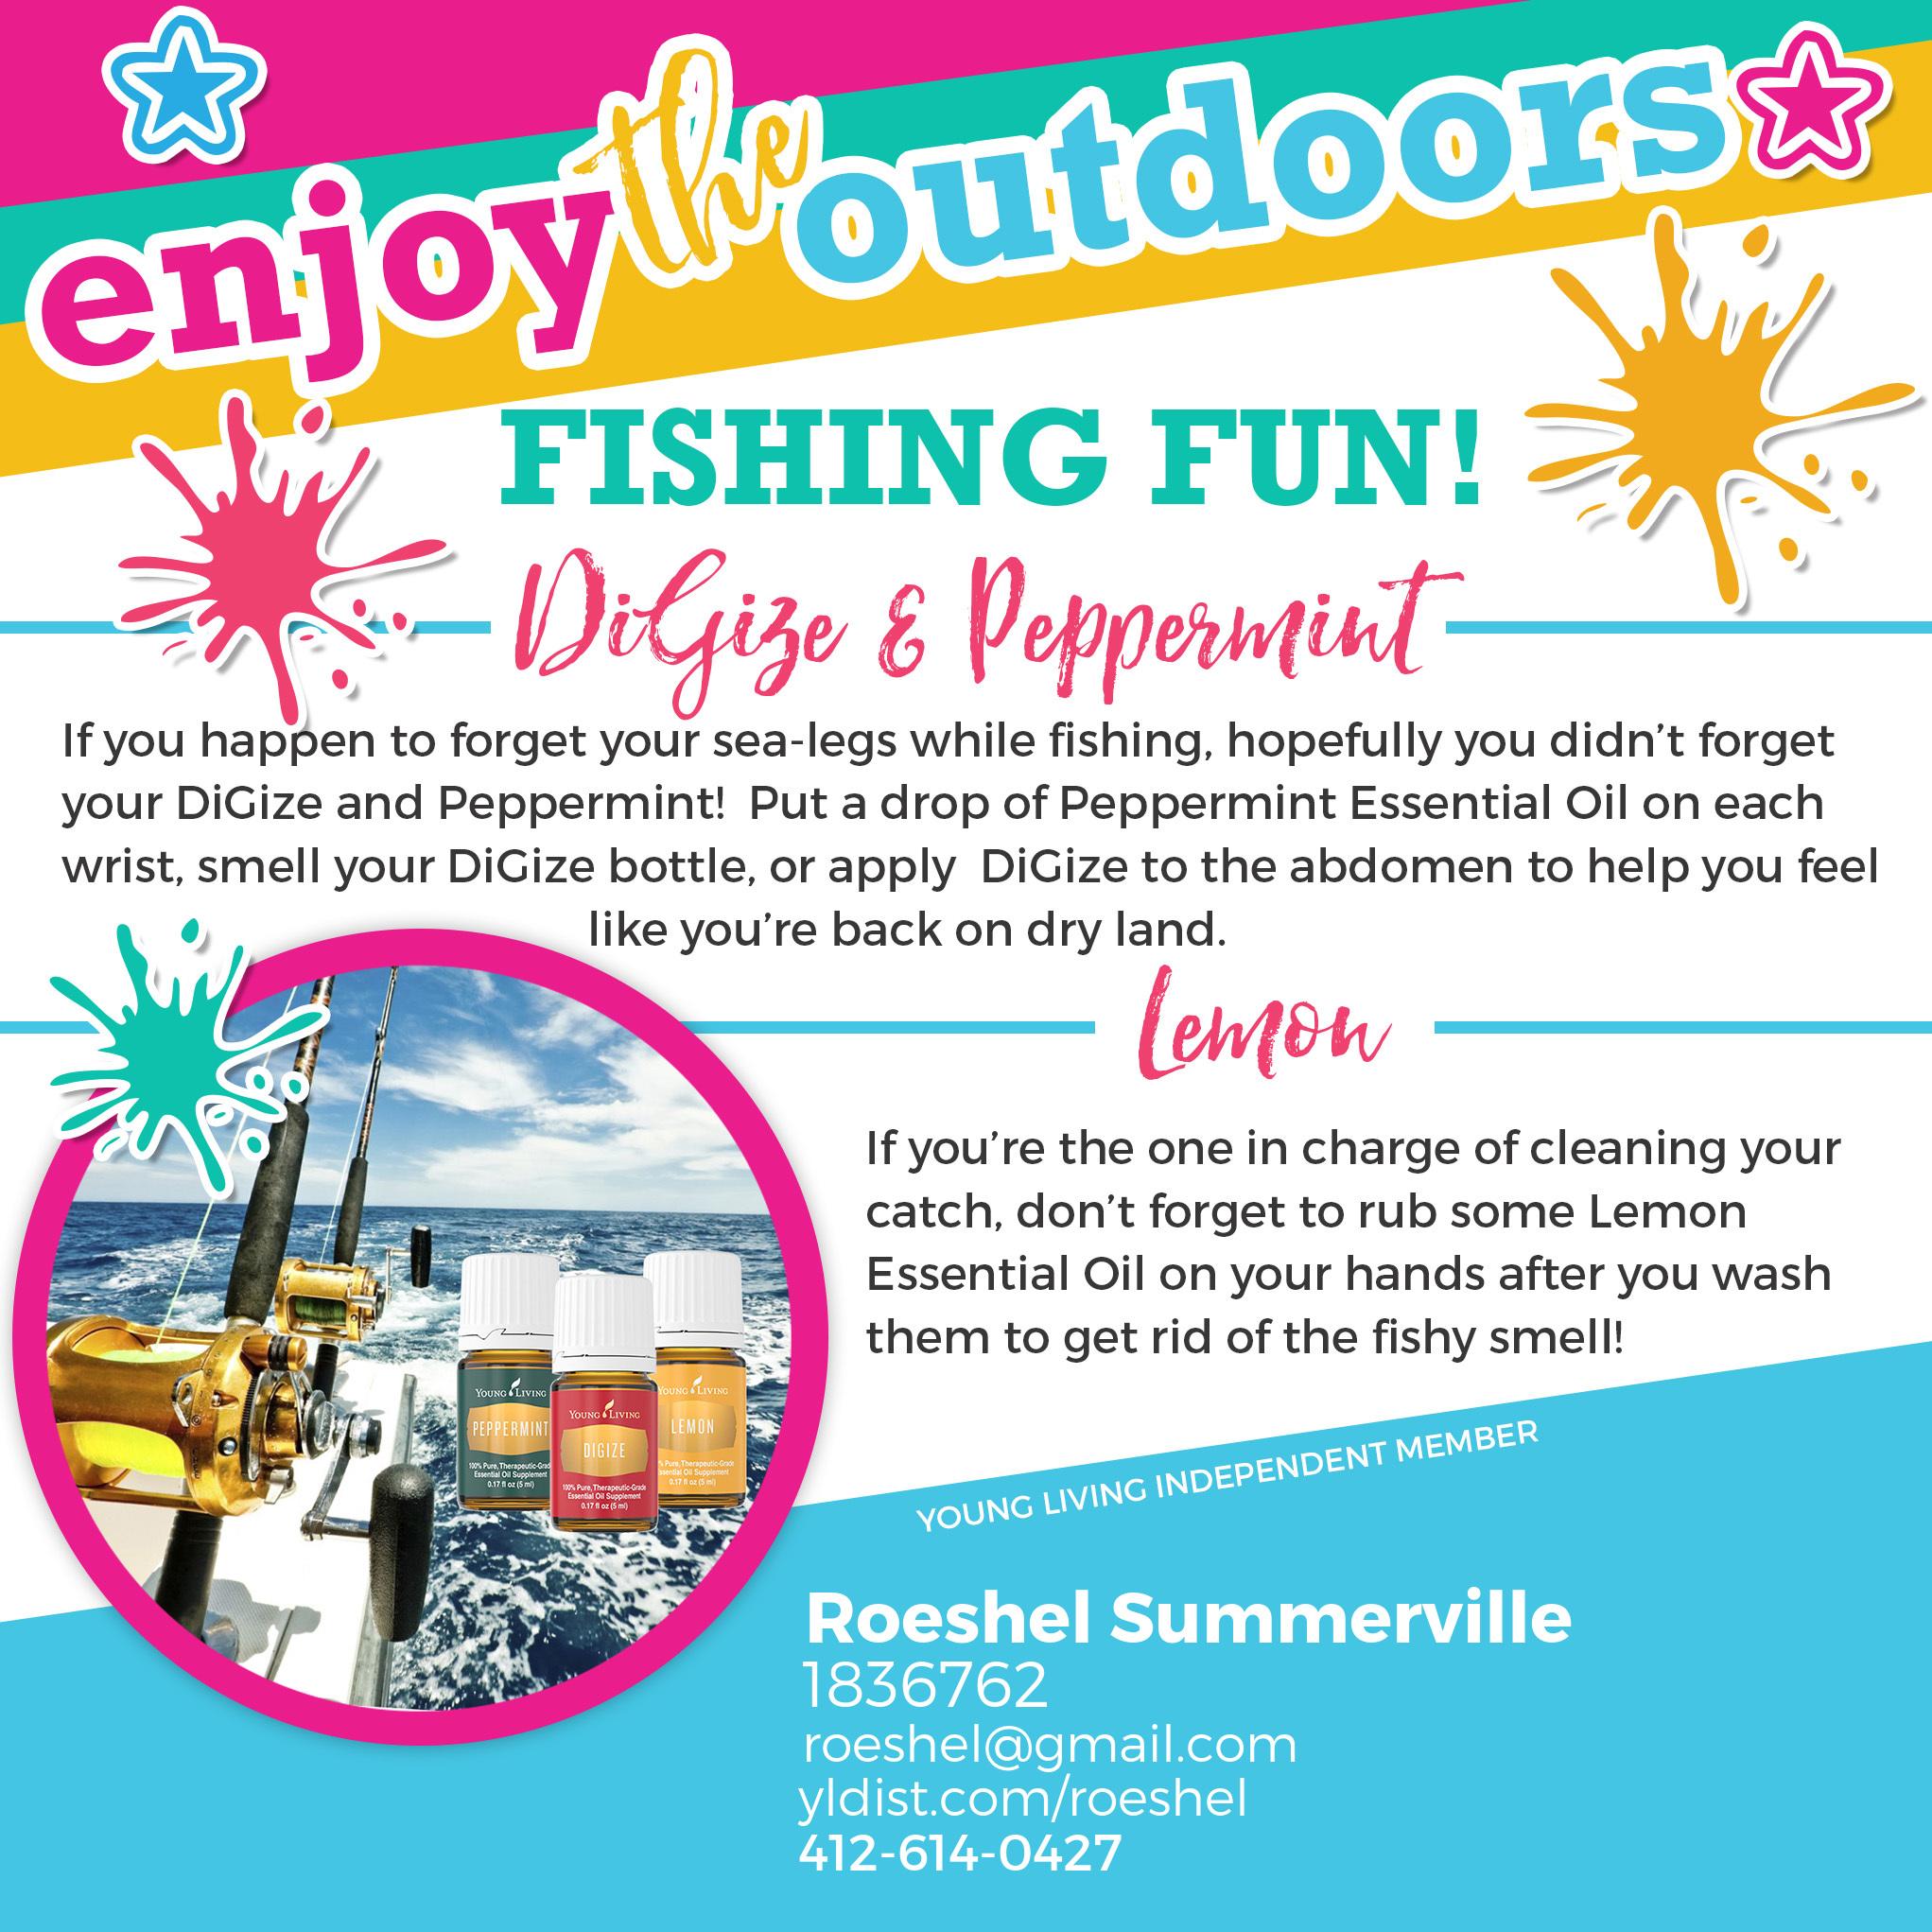 summer fun with essential oils @diyshowoff